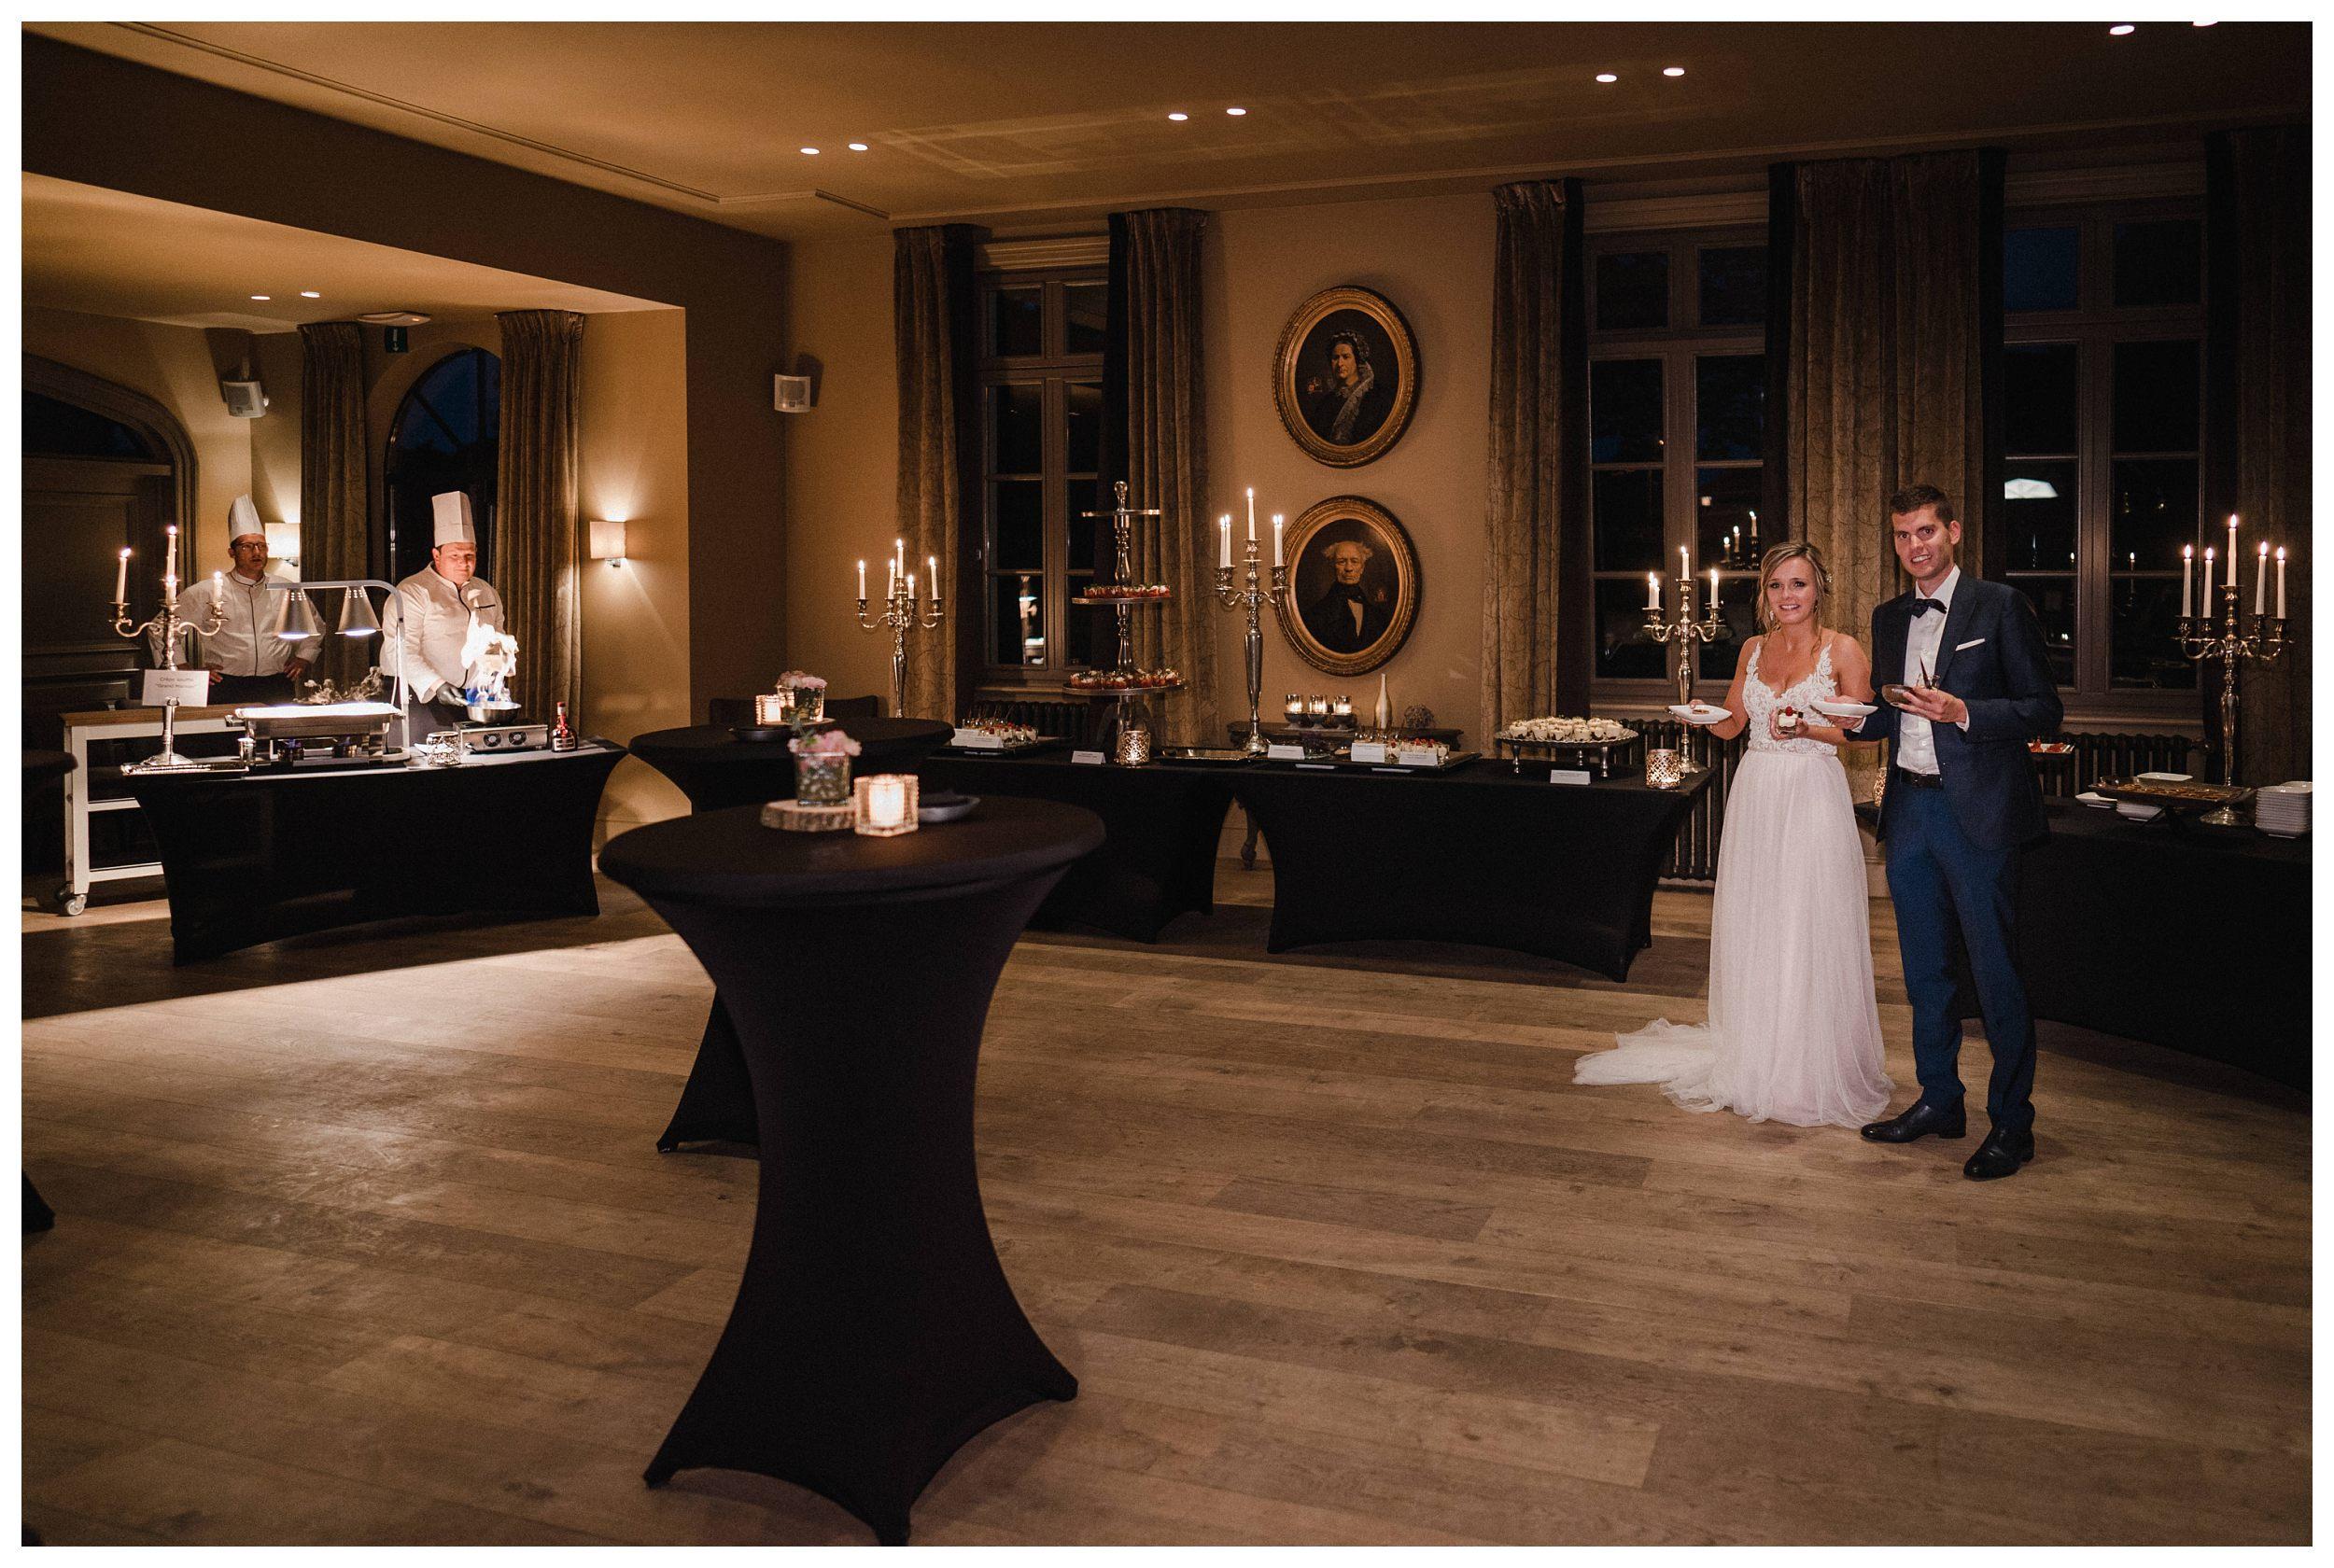 huwelijksfotograaf bruidsfotograaf destinationwedding huwelijksfotografie in mol oostham (65).jpg